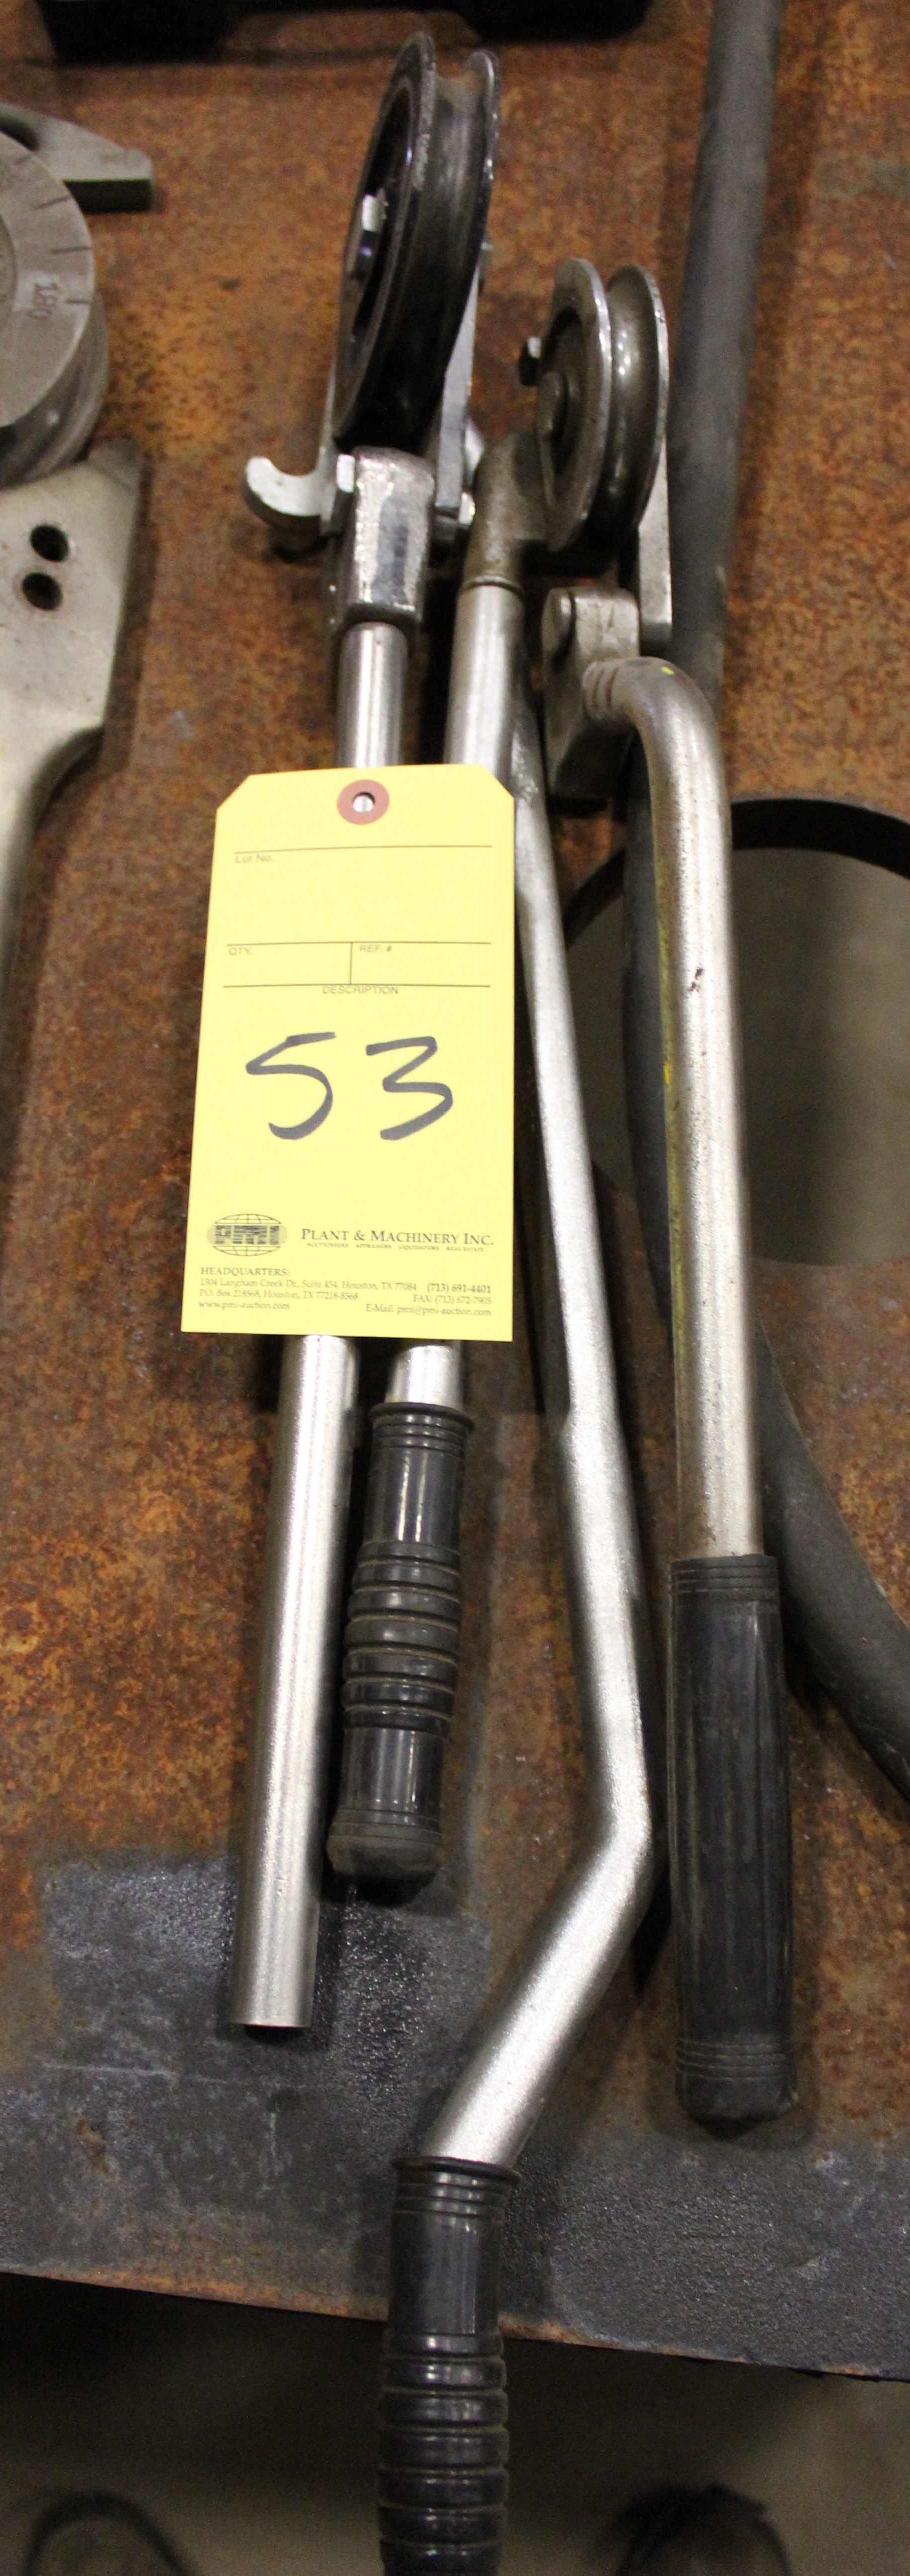 """Lot 53 - LOT OF MANUAL TUBING BENDERS (2), 1/2"""" O.D."""